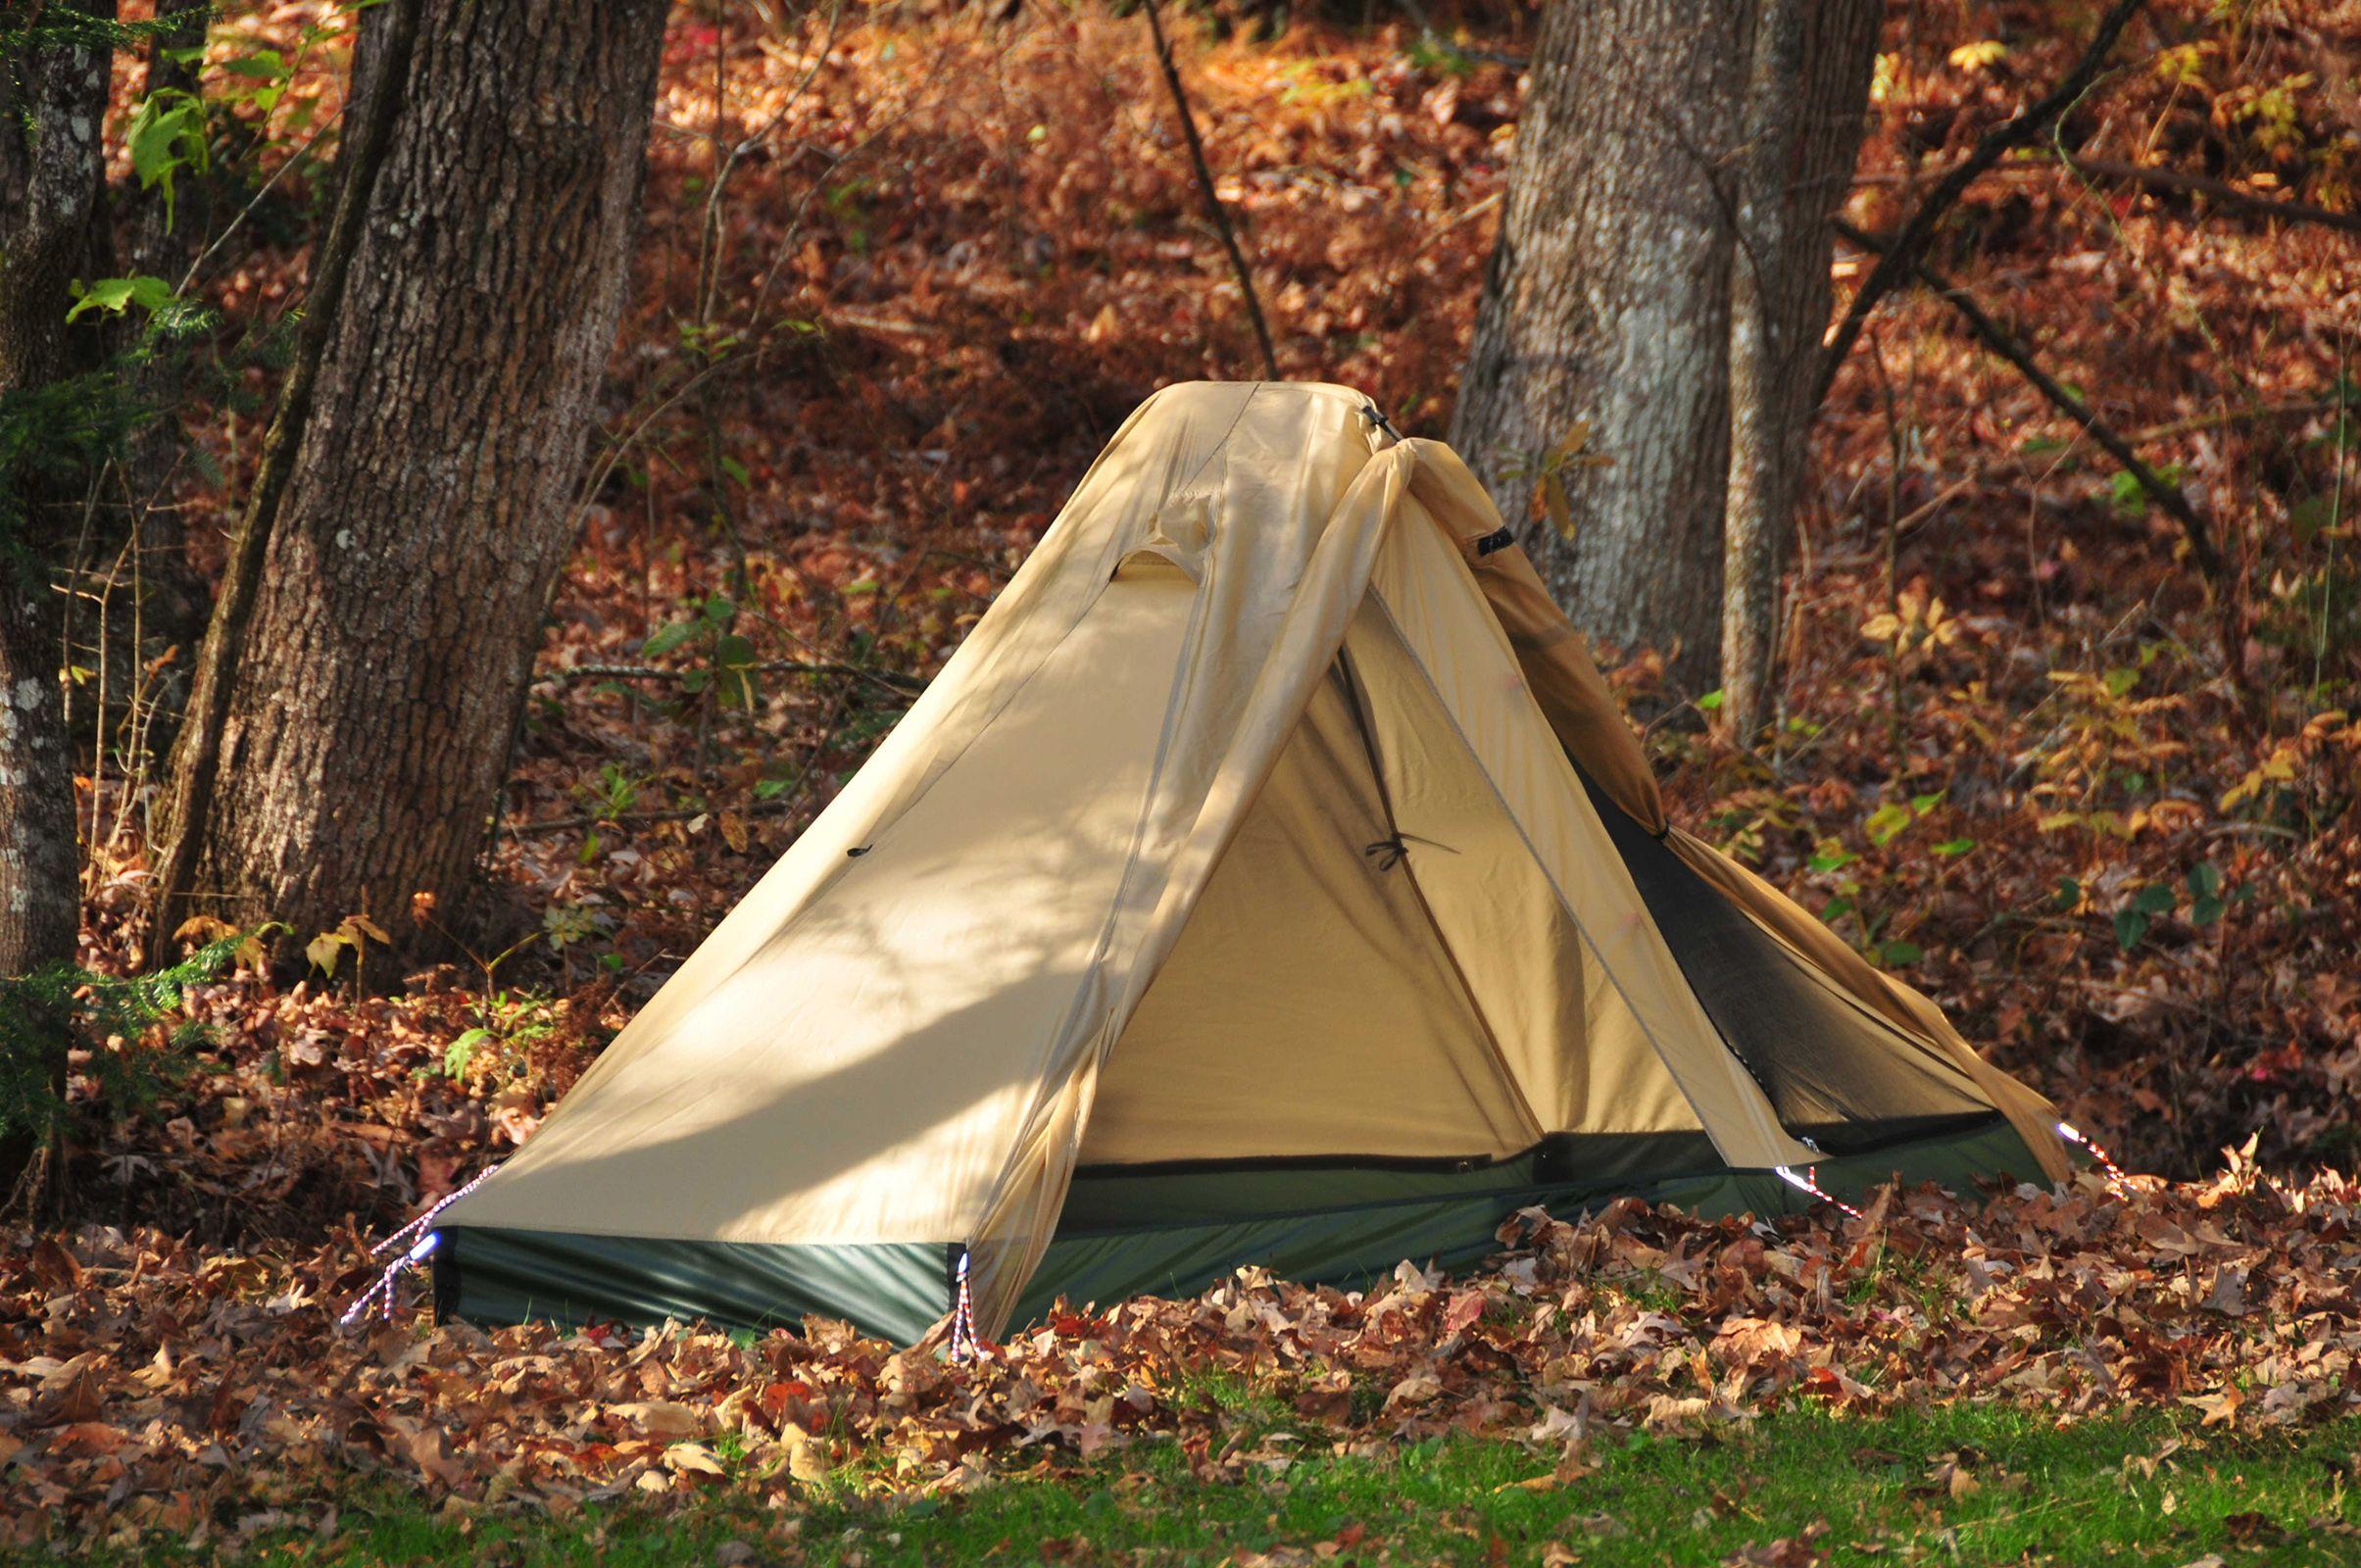 Lightheart Solong 6 Custom 375 00 Lightheart Gear Ultra Light Backpacking Tents Ultralight Backpacking Gear Ultralight Backpacking Tents Tent